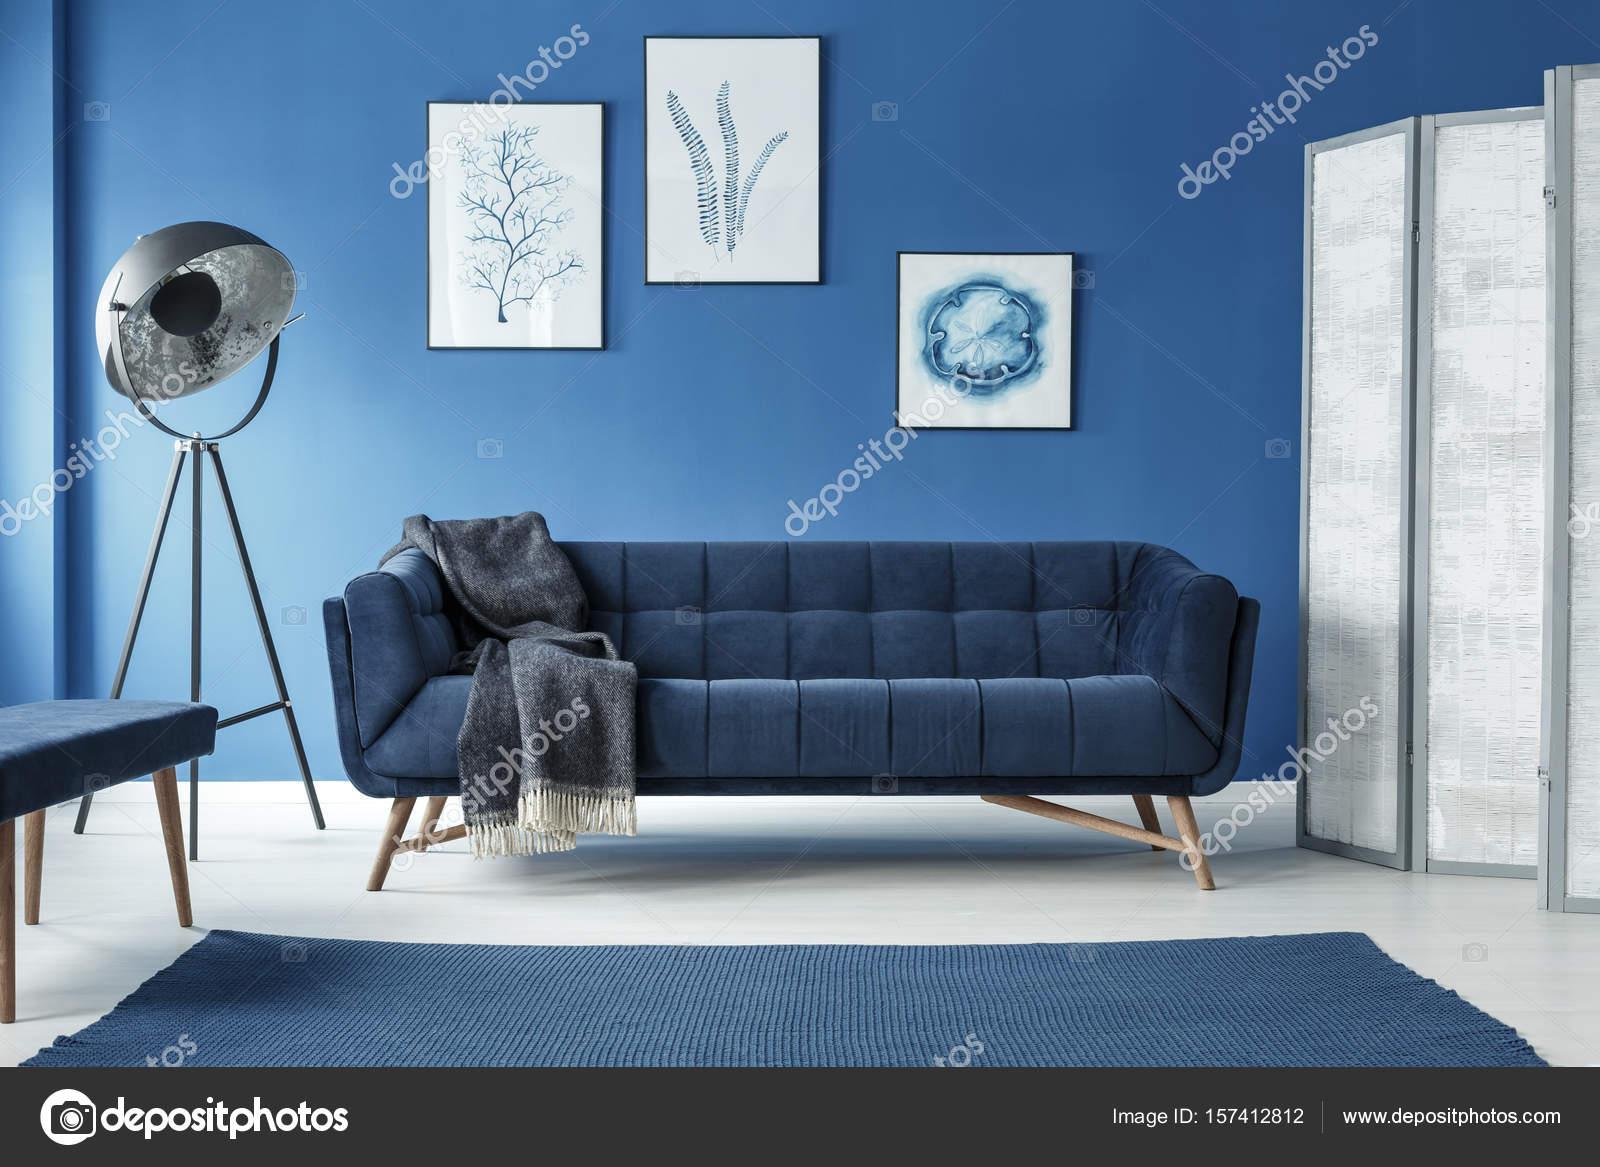 Camere Con Divano Letto : Camera con divano letto u foto stock photographee eu